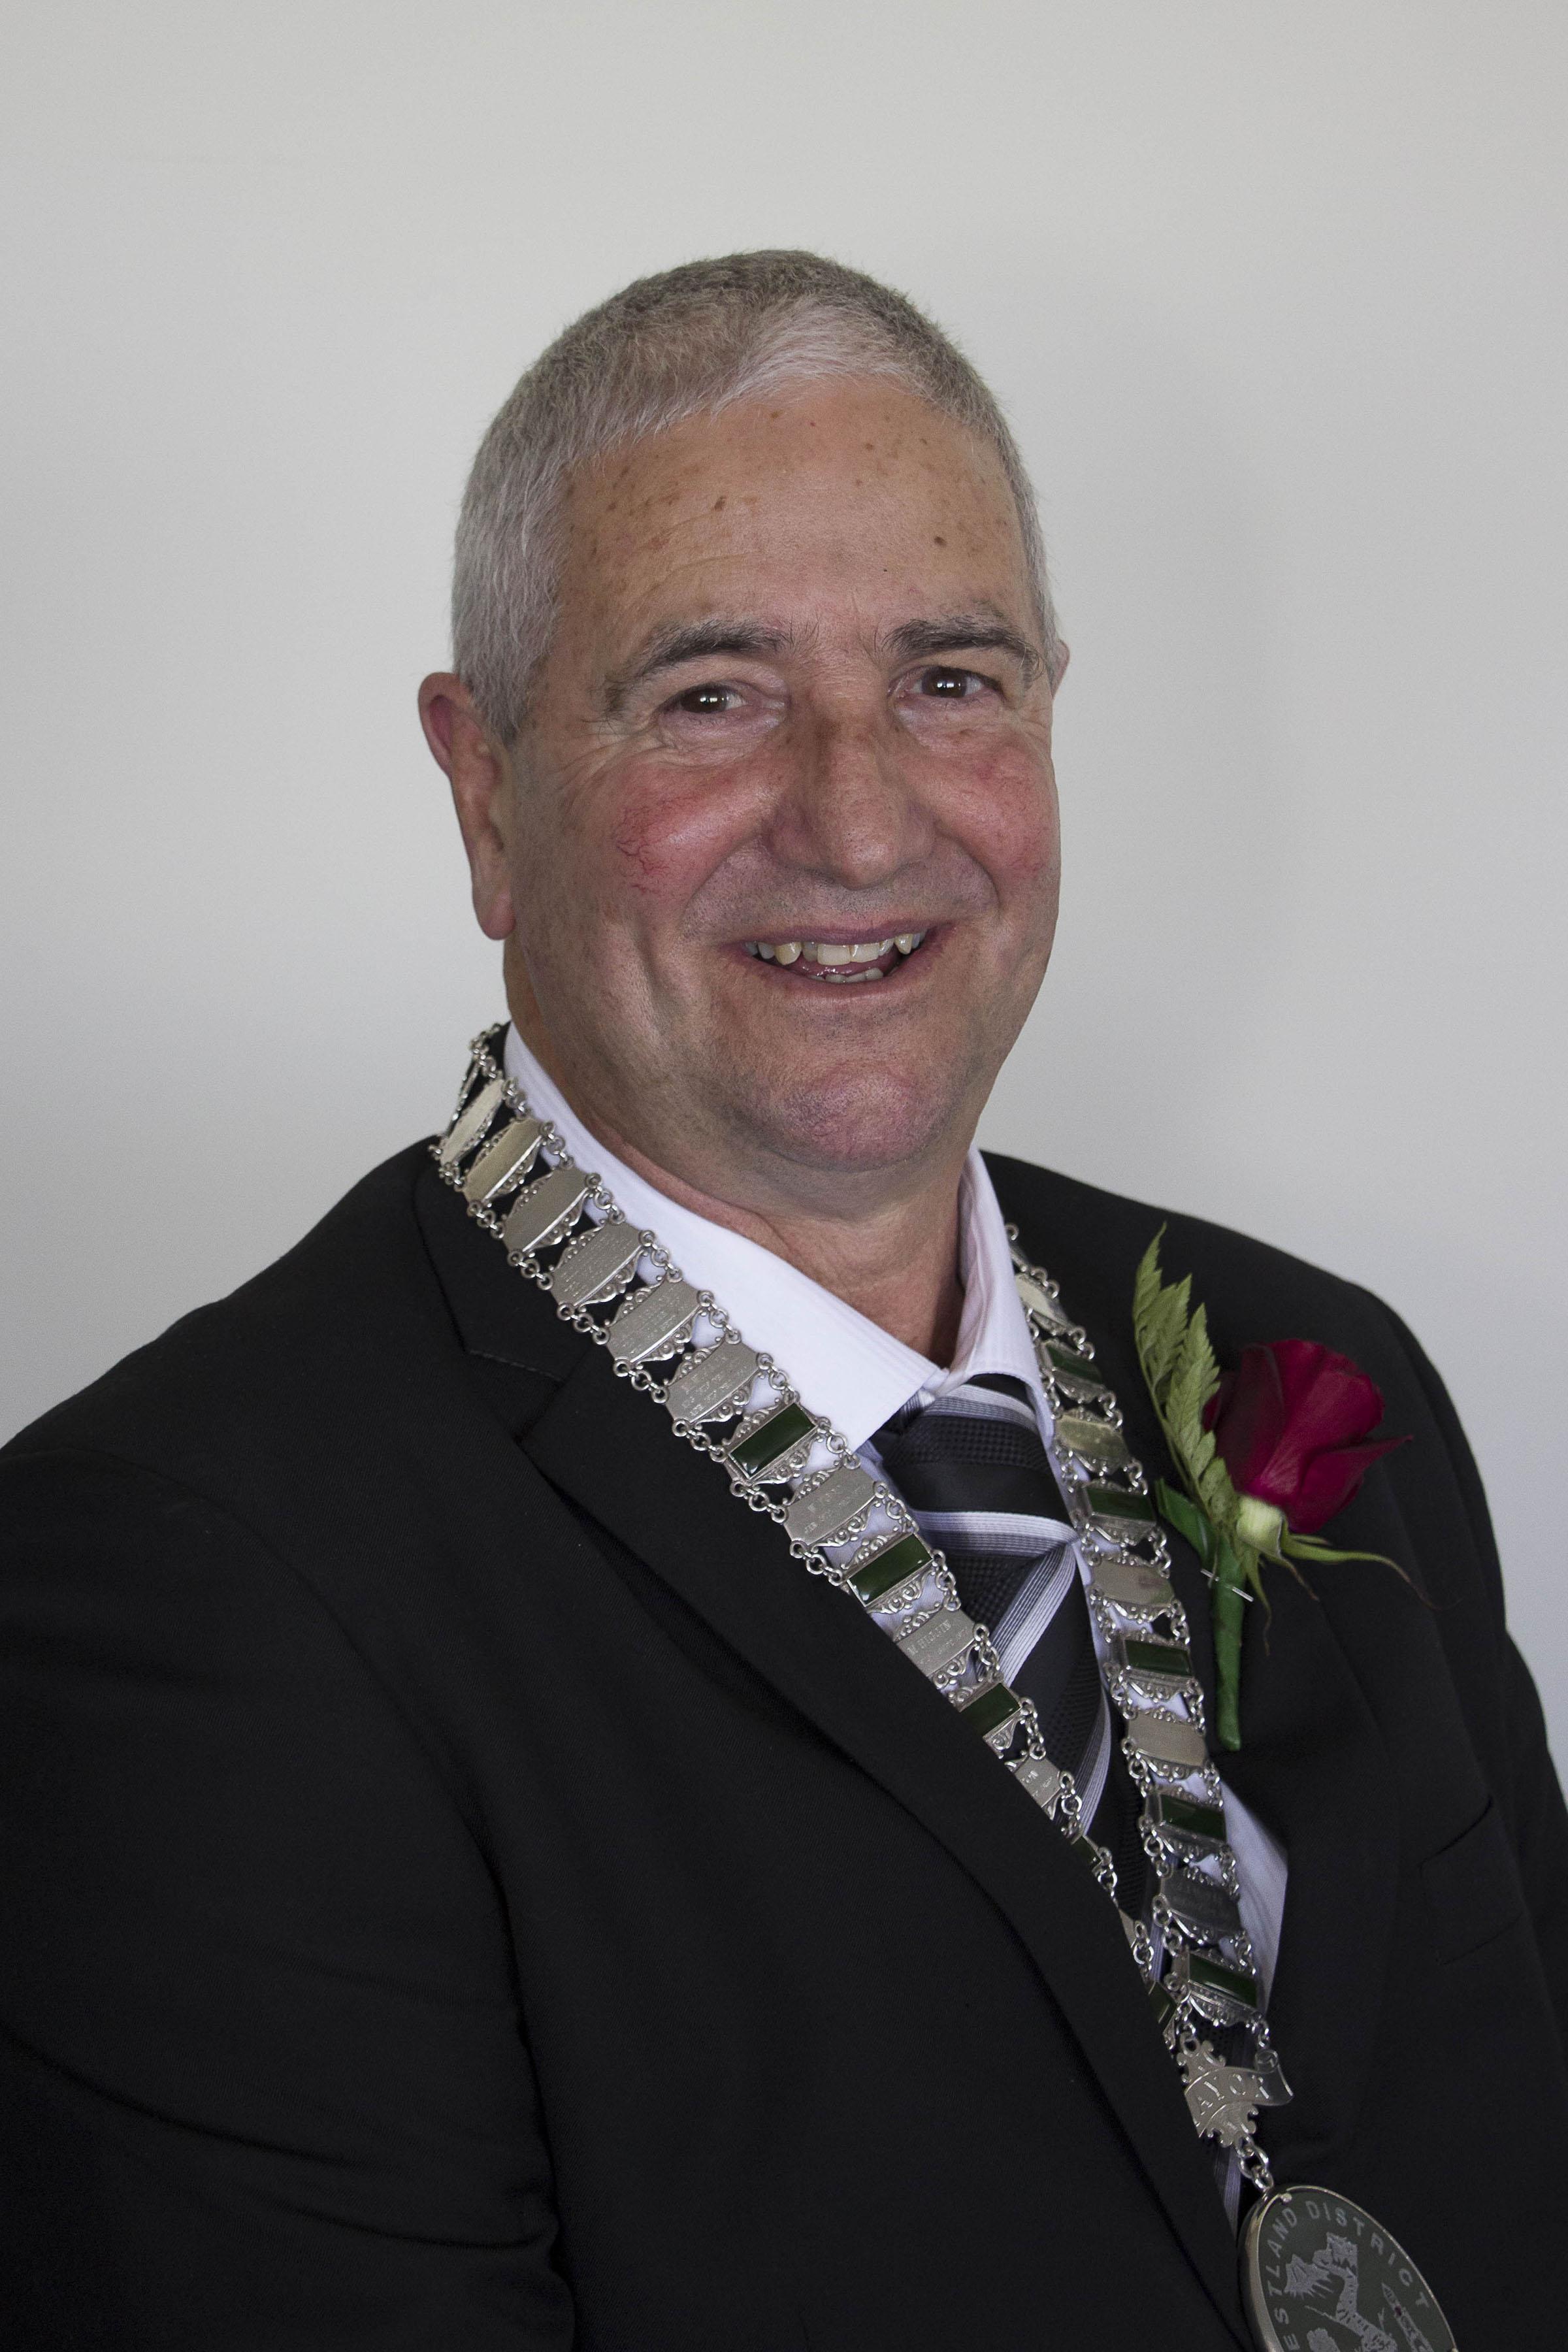 Mayor Bruce Smith